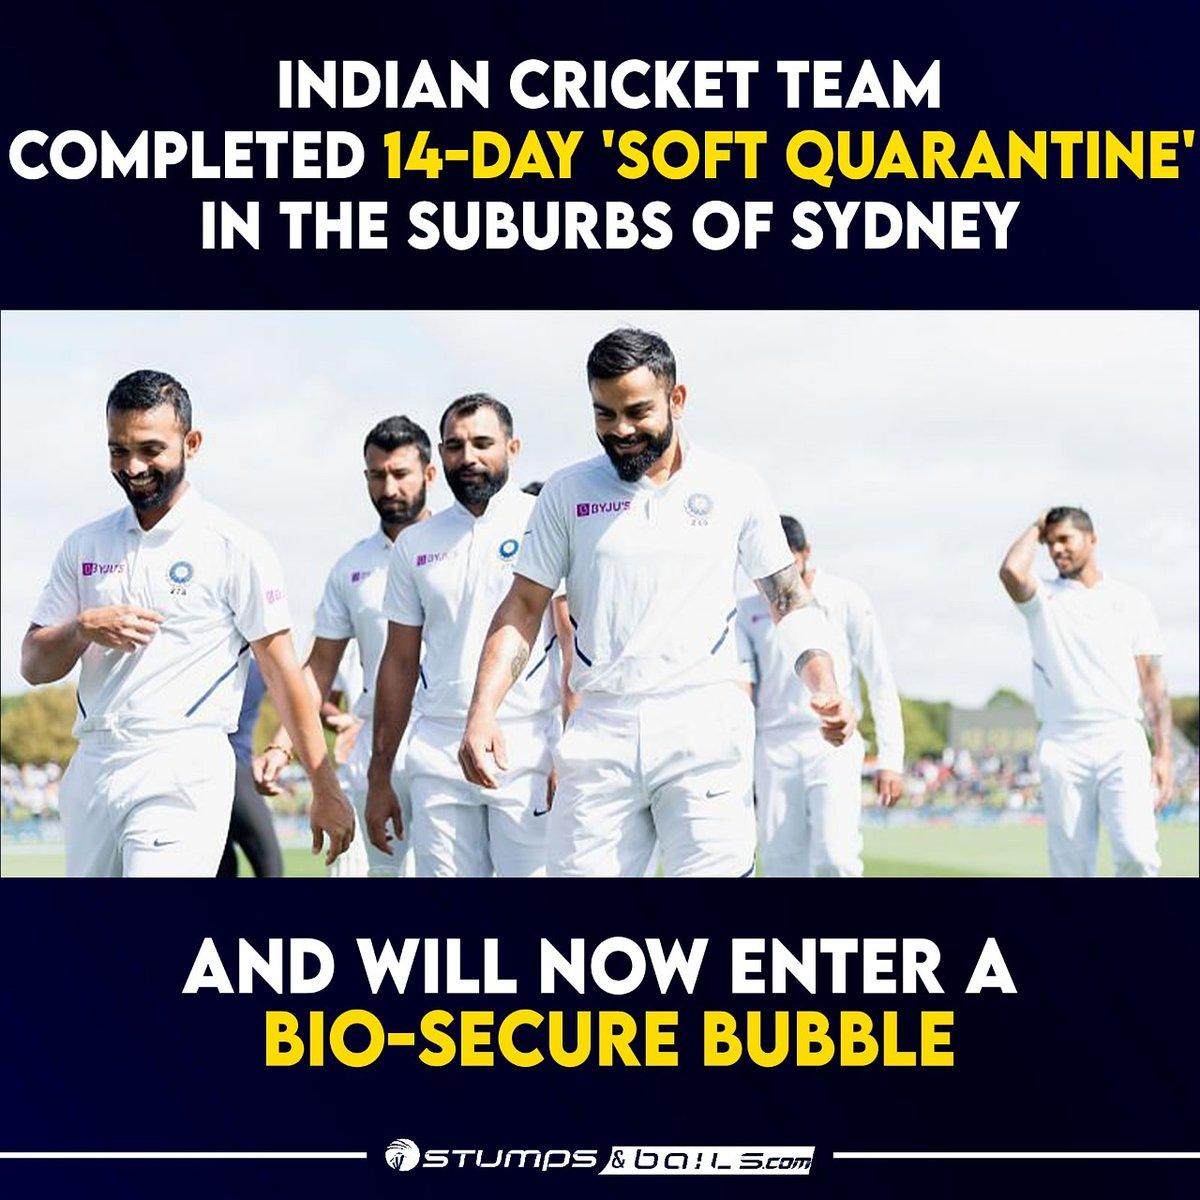 Eagerly waiting for #INDvsAUS  Follow us @stumpnbails #IndiainAustralia #IndianJersey #IndiavsAustralia #indiancricketer #indiancricketteam #cricketmatch #Cricket #cricketaustralia #cricketupdates  #cricketnews #viratkohli #mayankagarwal  #klrahul #davidwarner